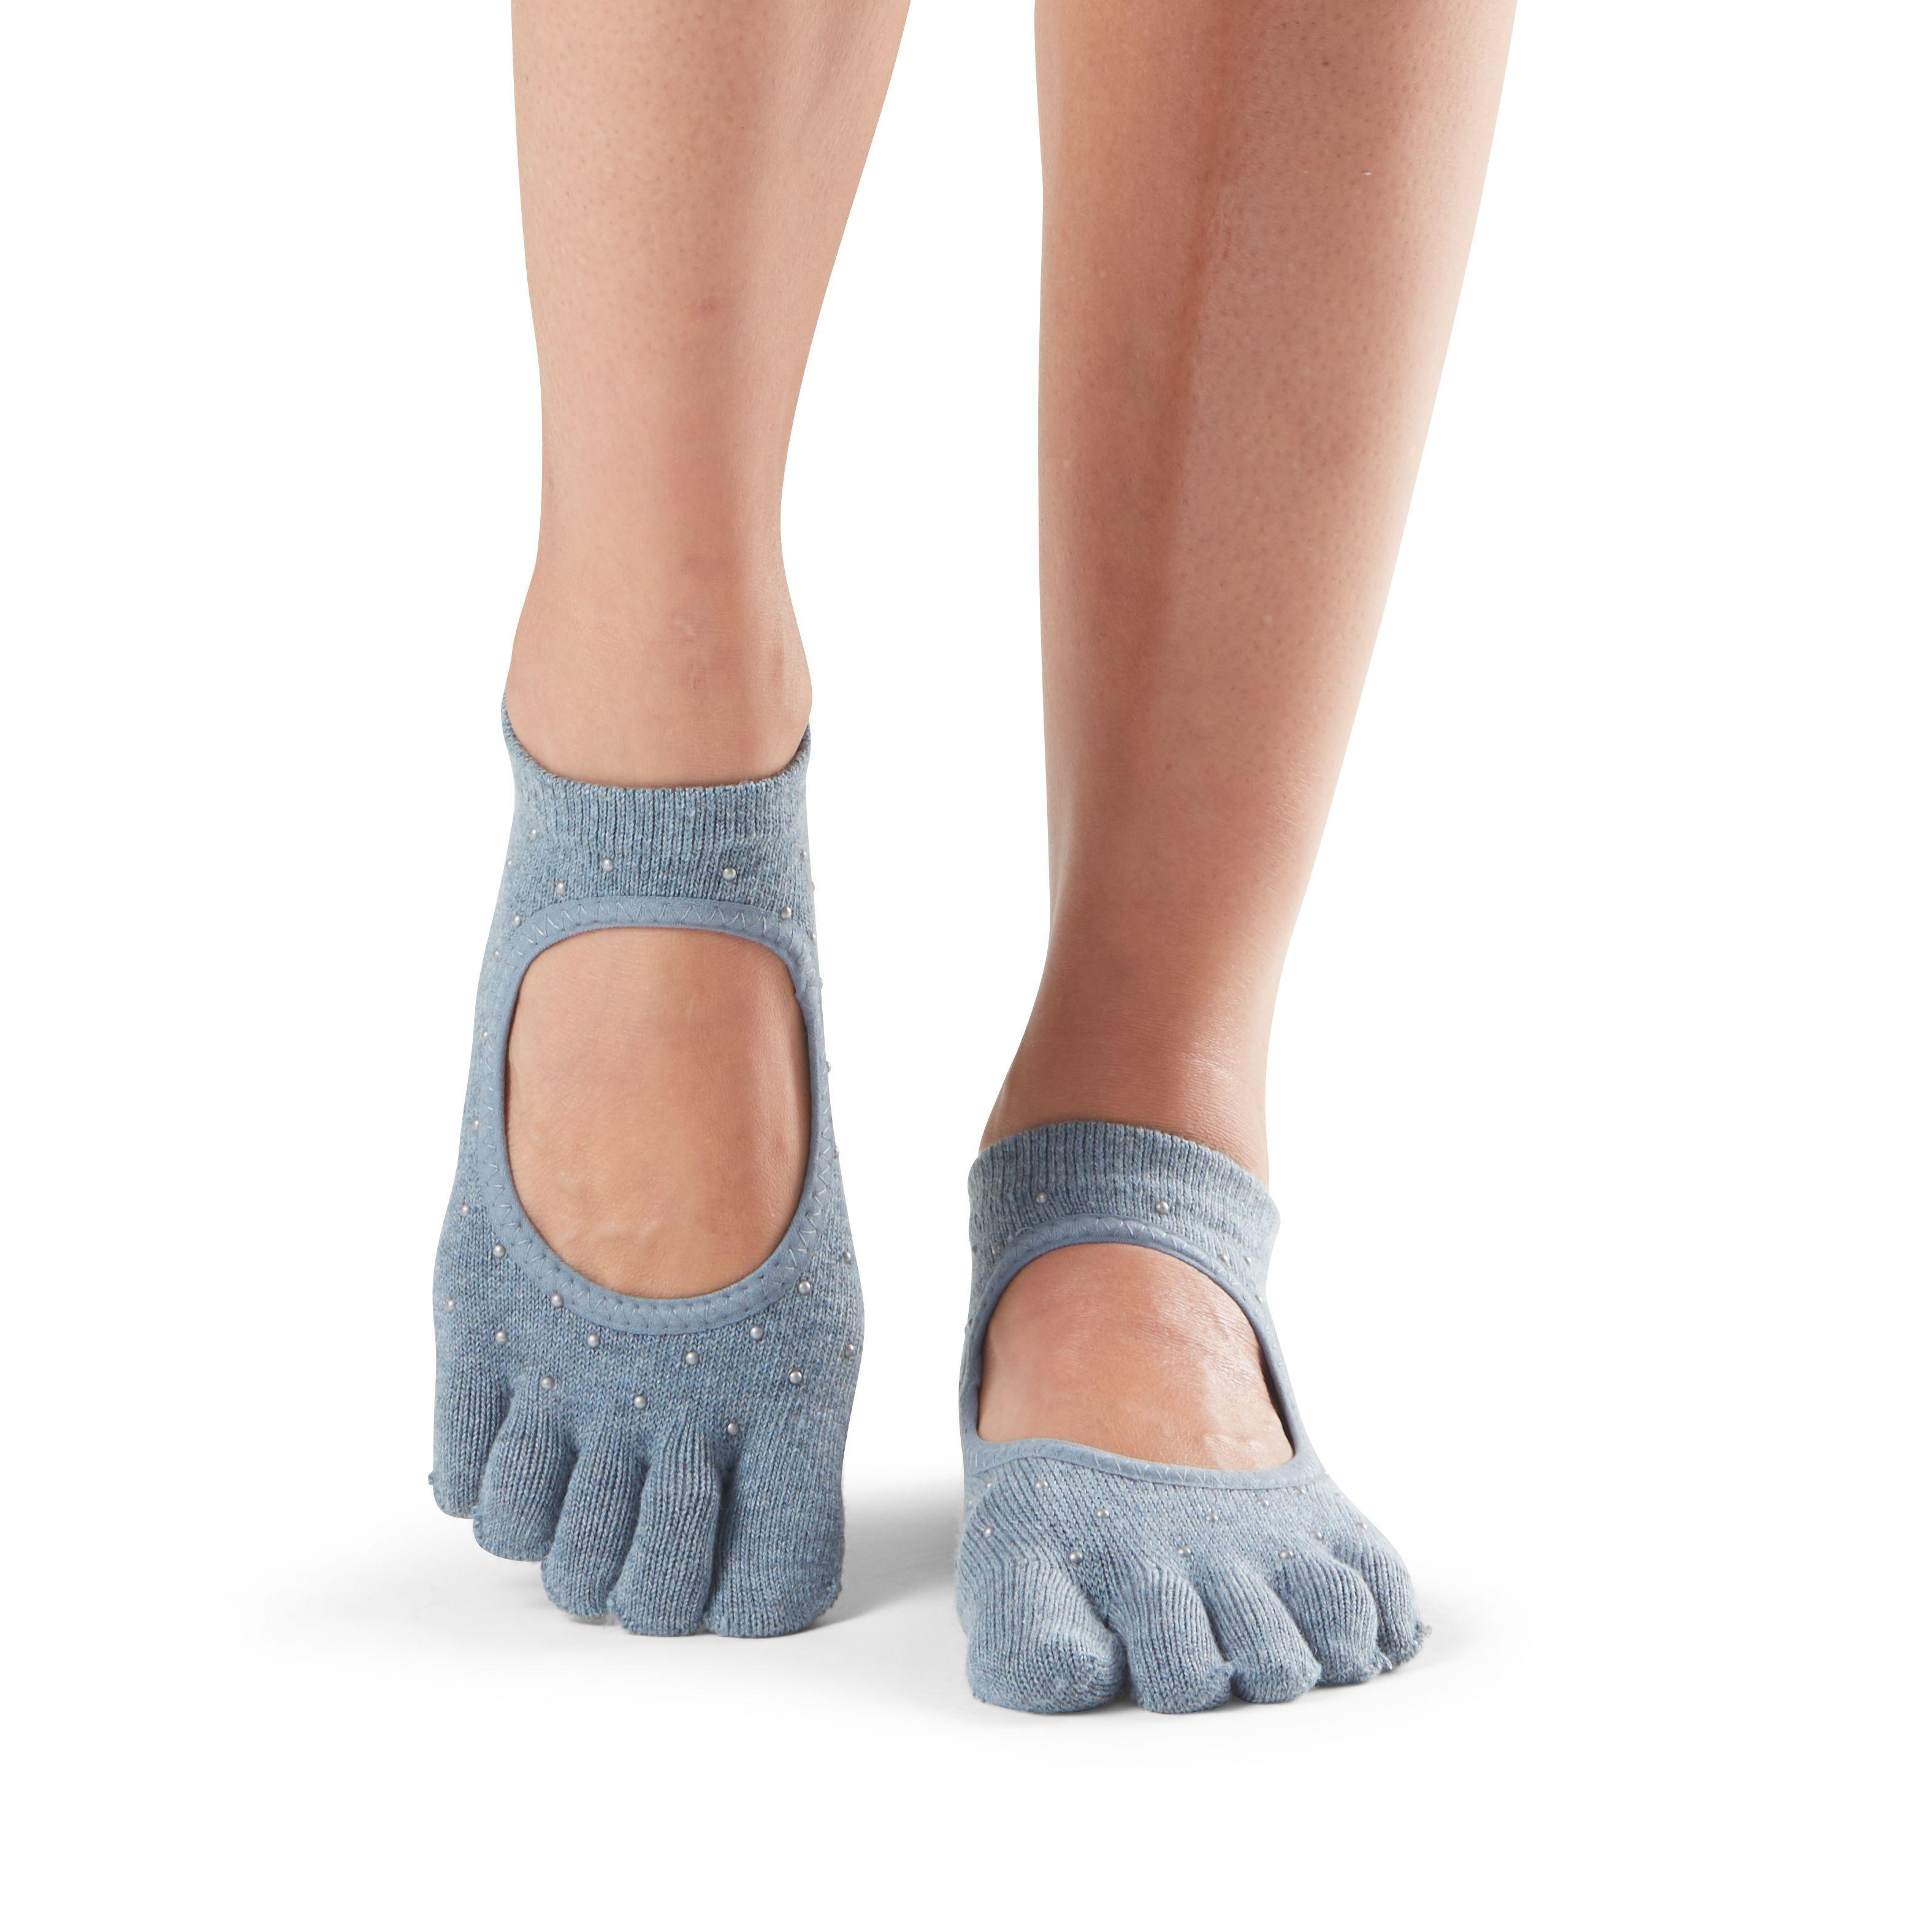 e03524ade13792 antislip sokken in bellarina met hele tenen kun je direct online bestellen  bij yoga-pilatesshop